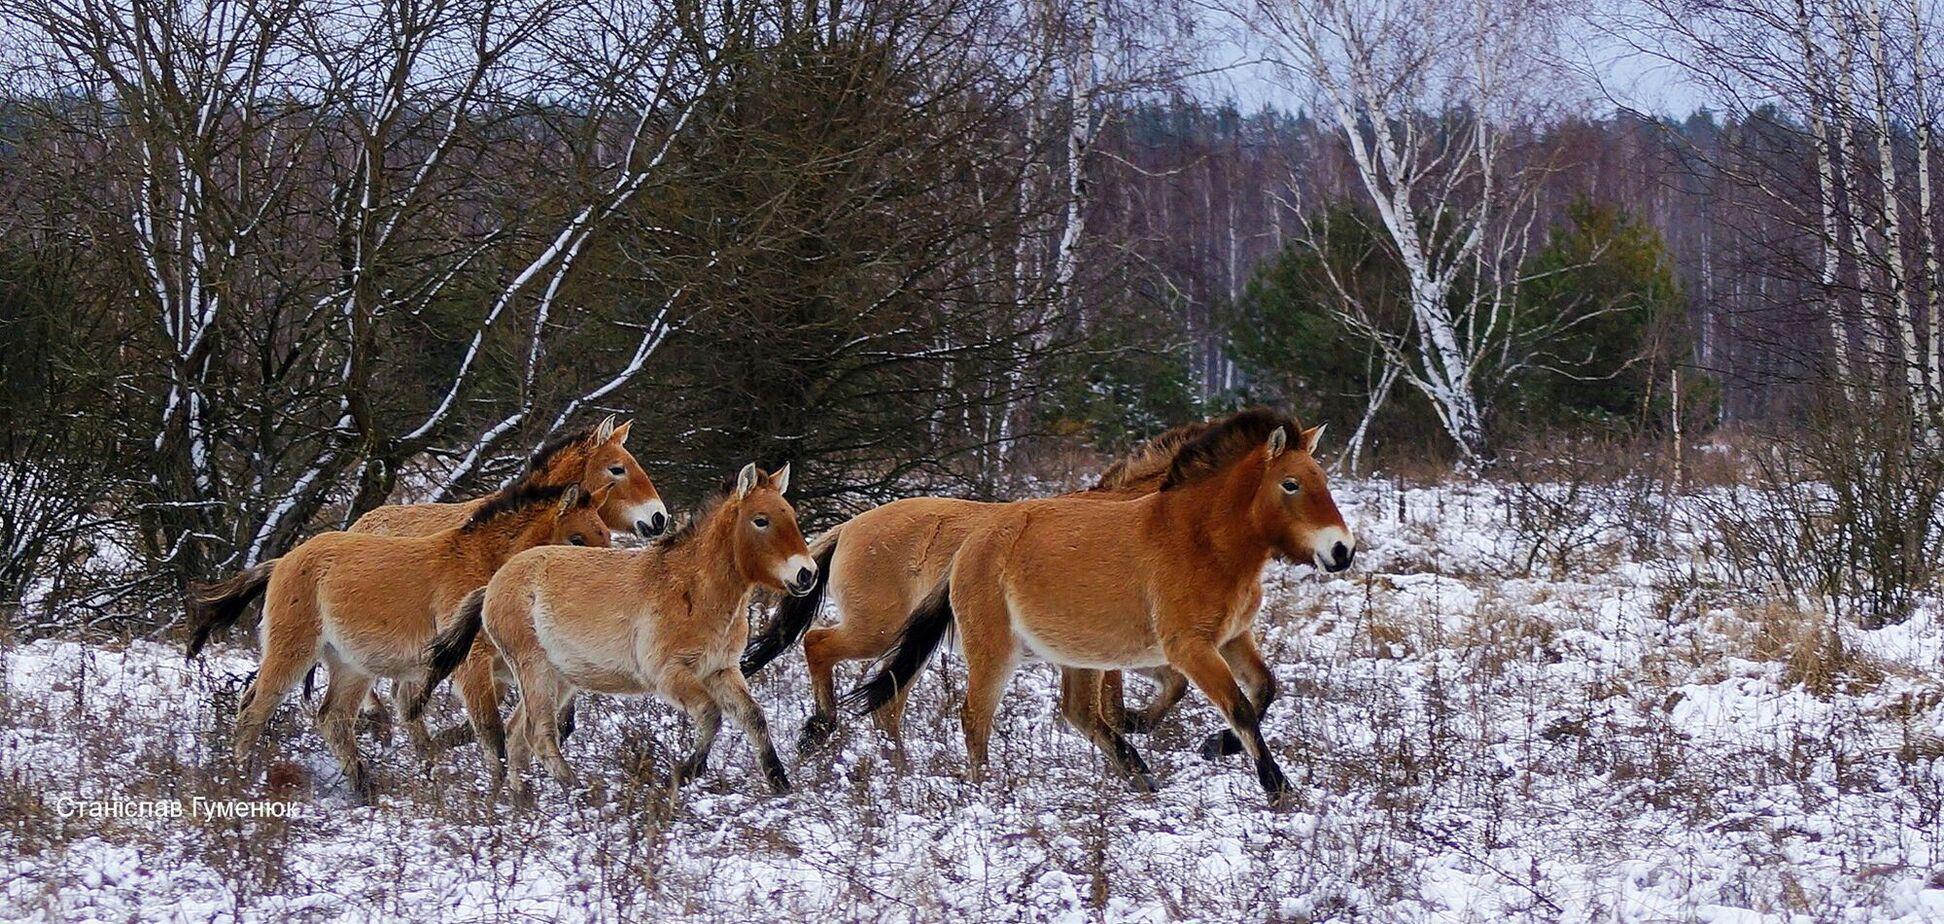 У Чорнобильському заповіднику помітили коней Пржевальського. Фото